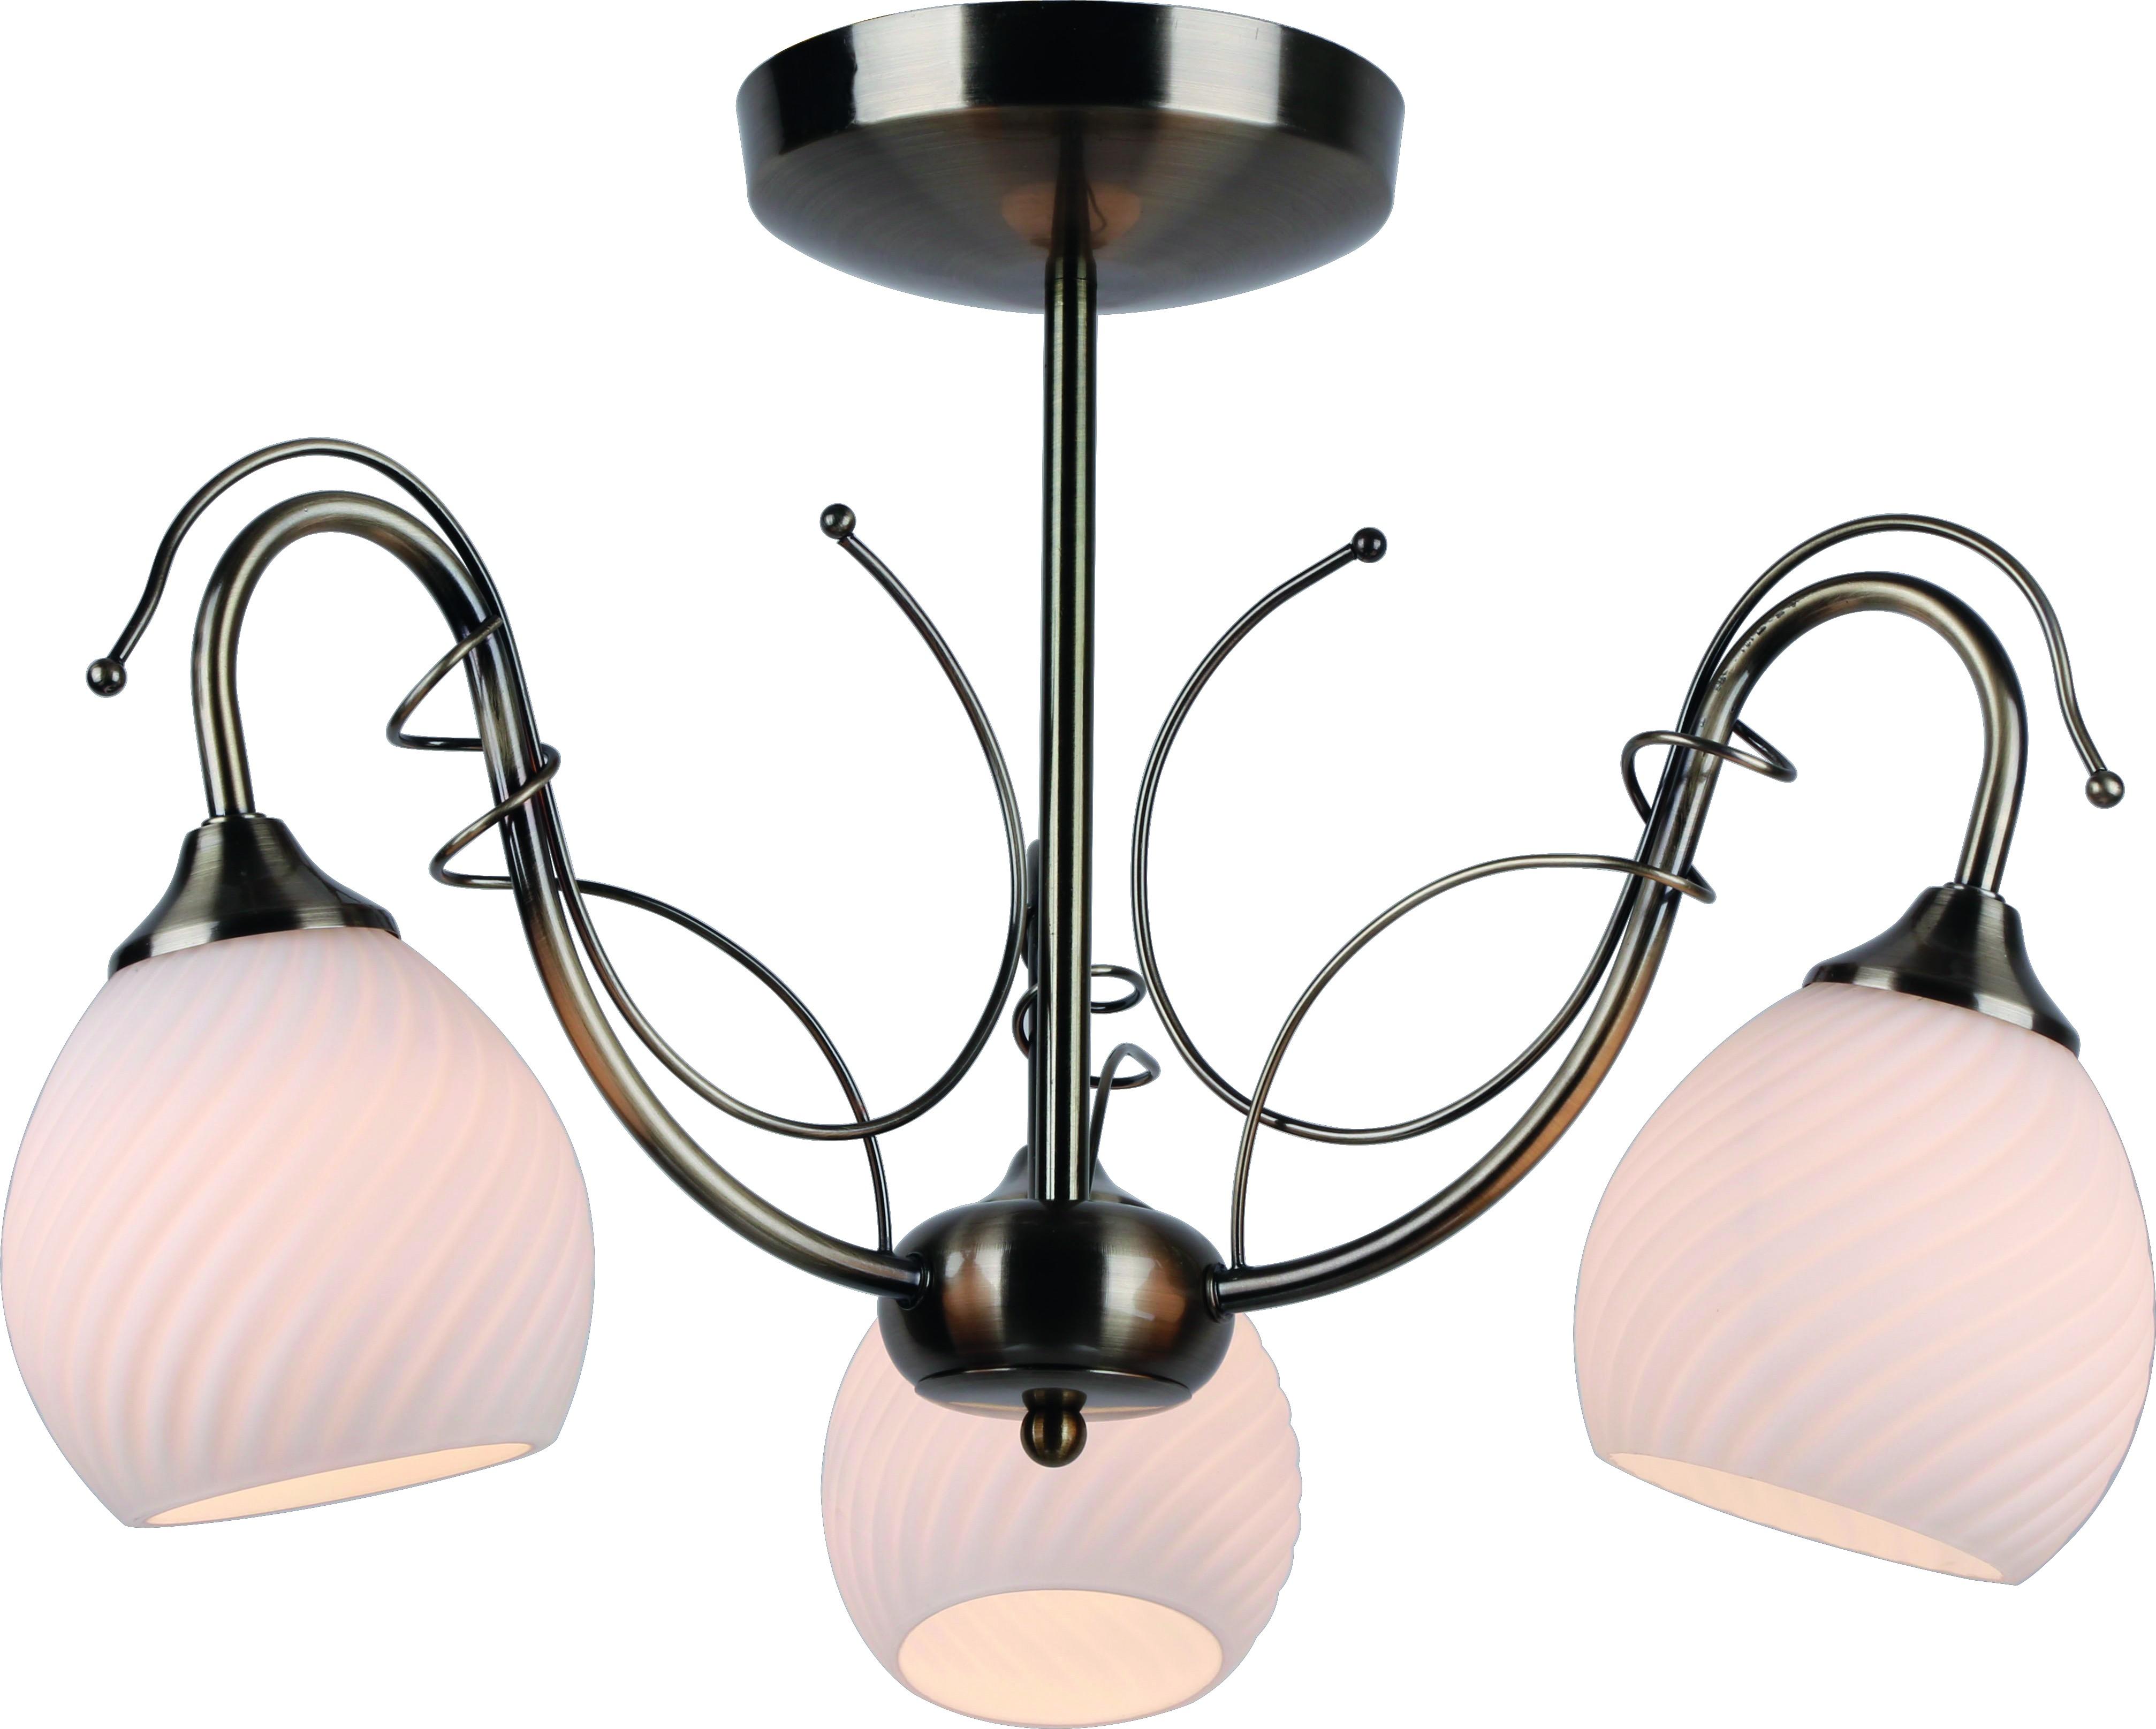 Люстра Arte lamp A6285pl-3ab